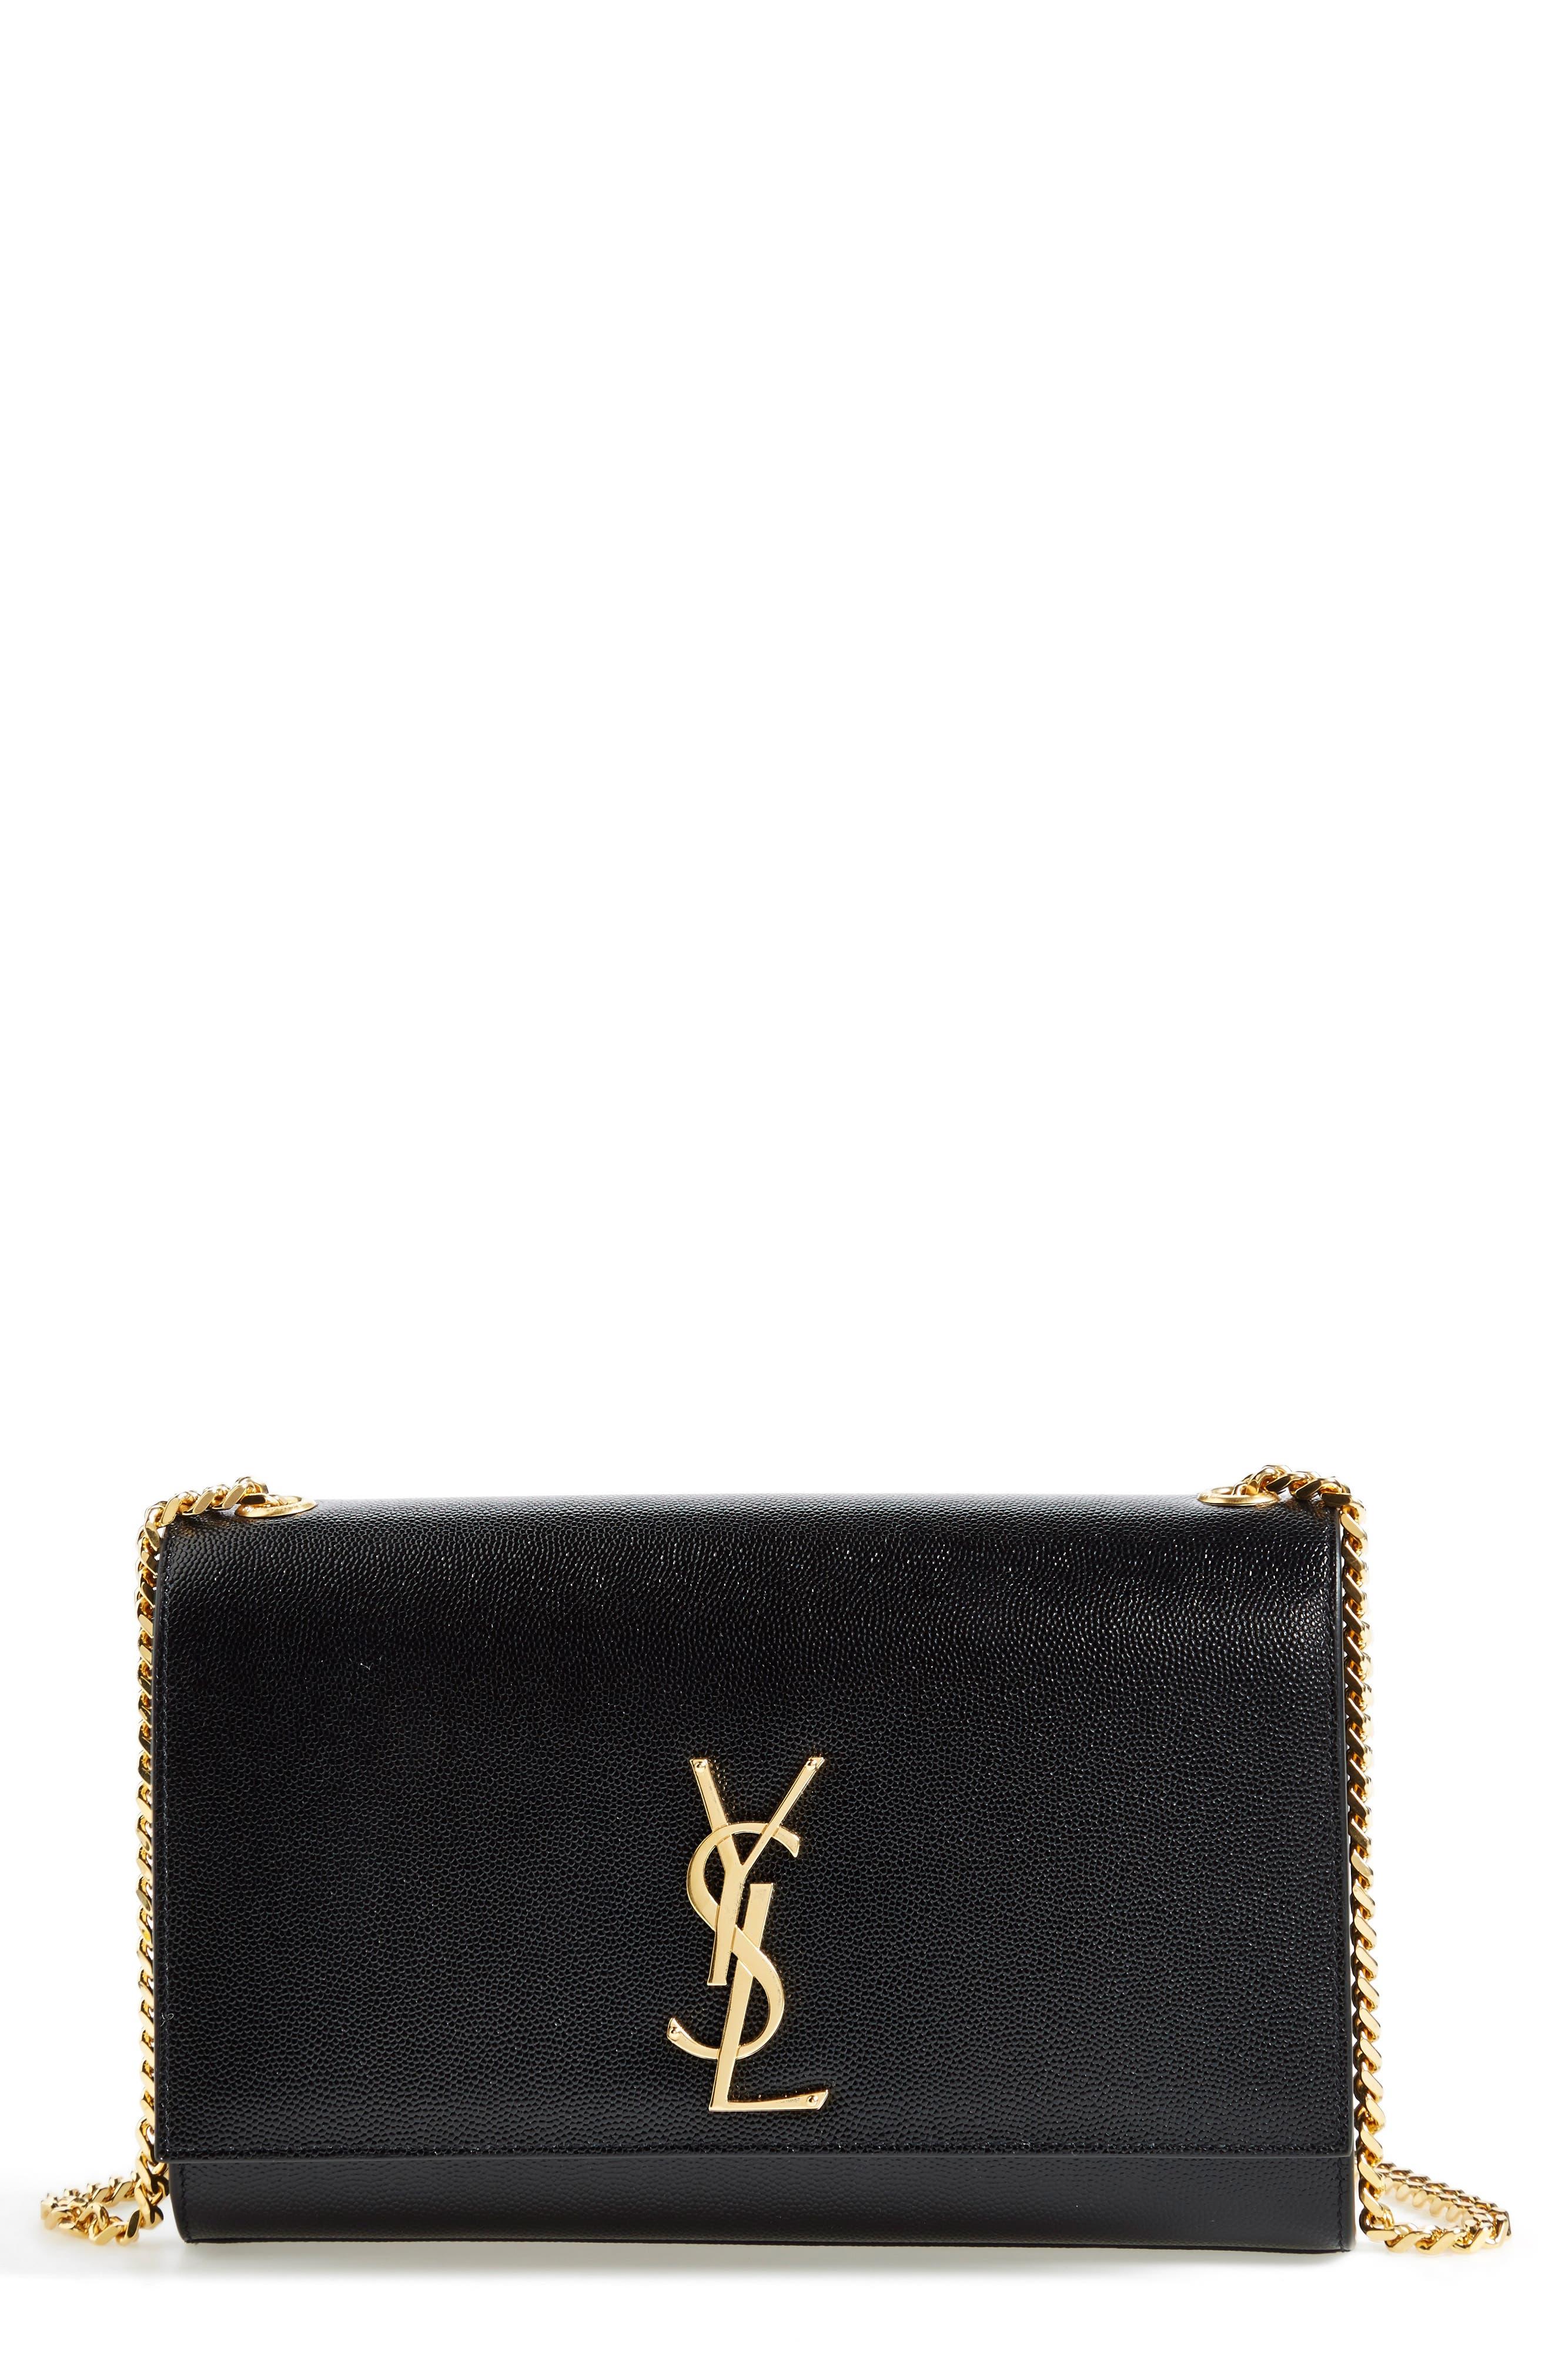 'Medium Kate' Leather Chain Shoulder Bag,                             Alternate thumbnail 2, color,                             NOIR